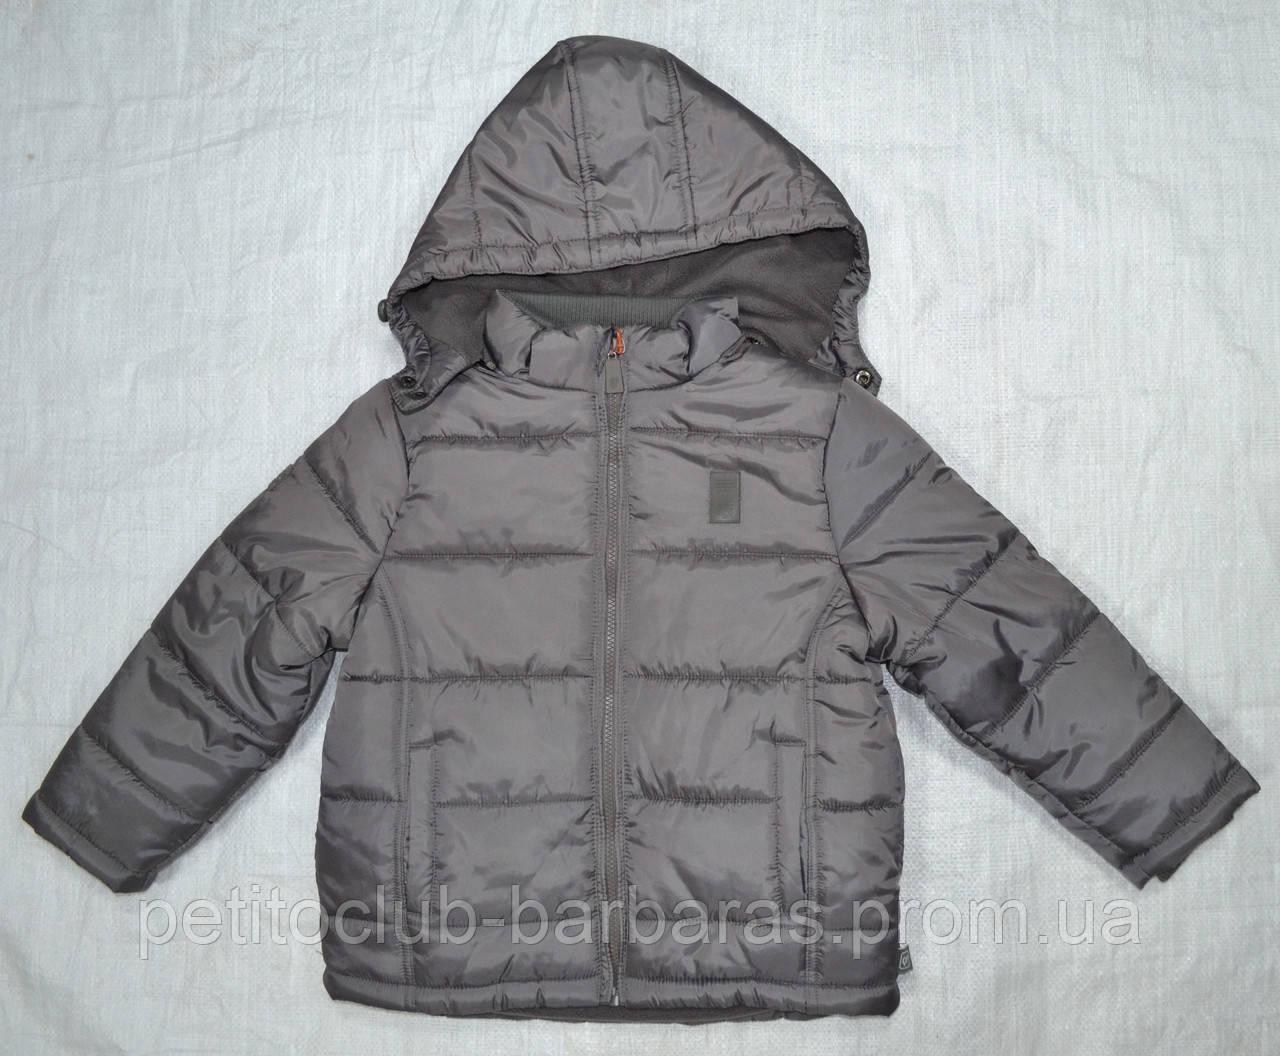 Куртка зимняя GAO коричневая (QuadriFoglio, Польша)